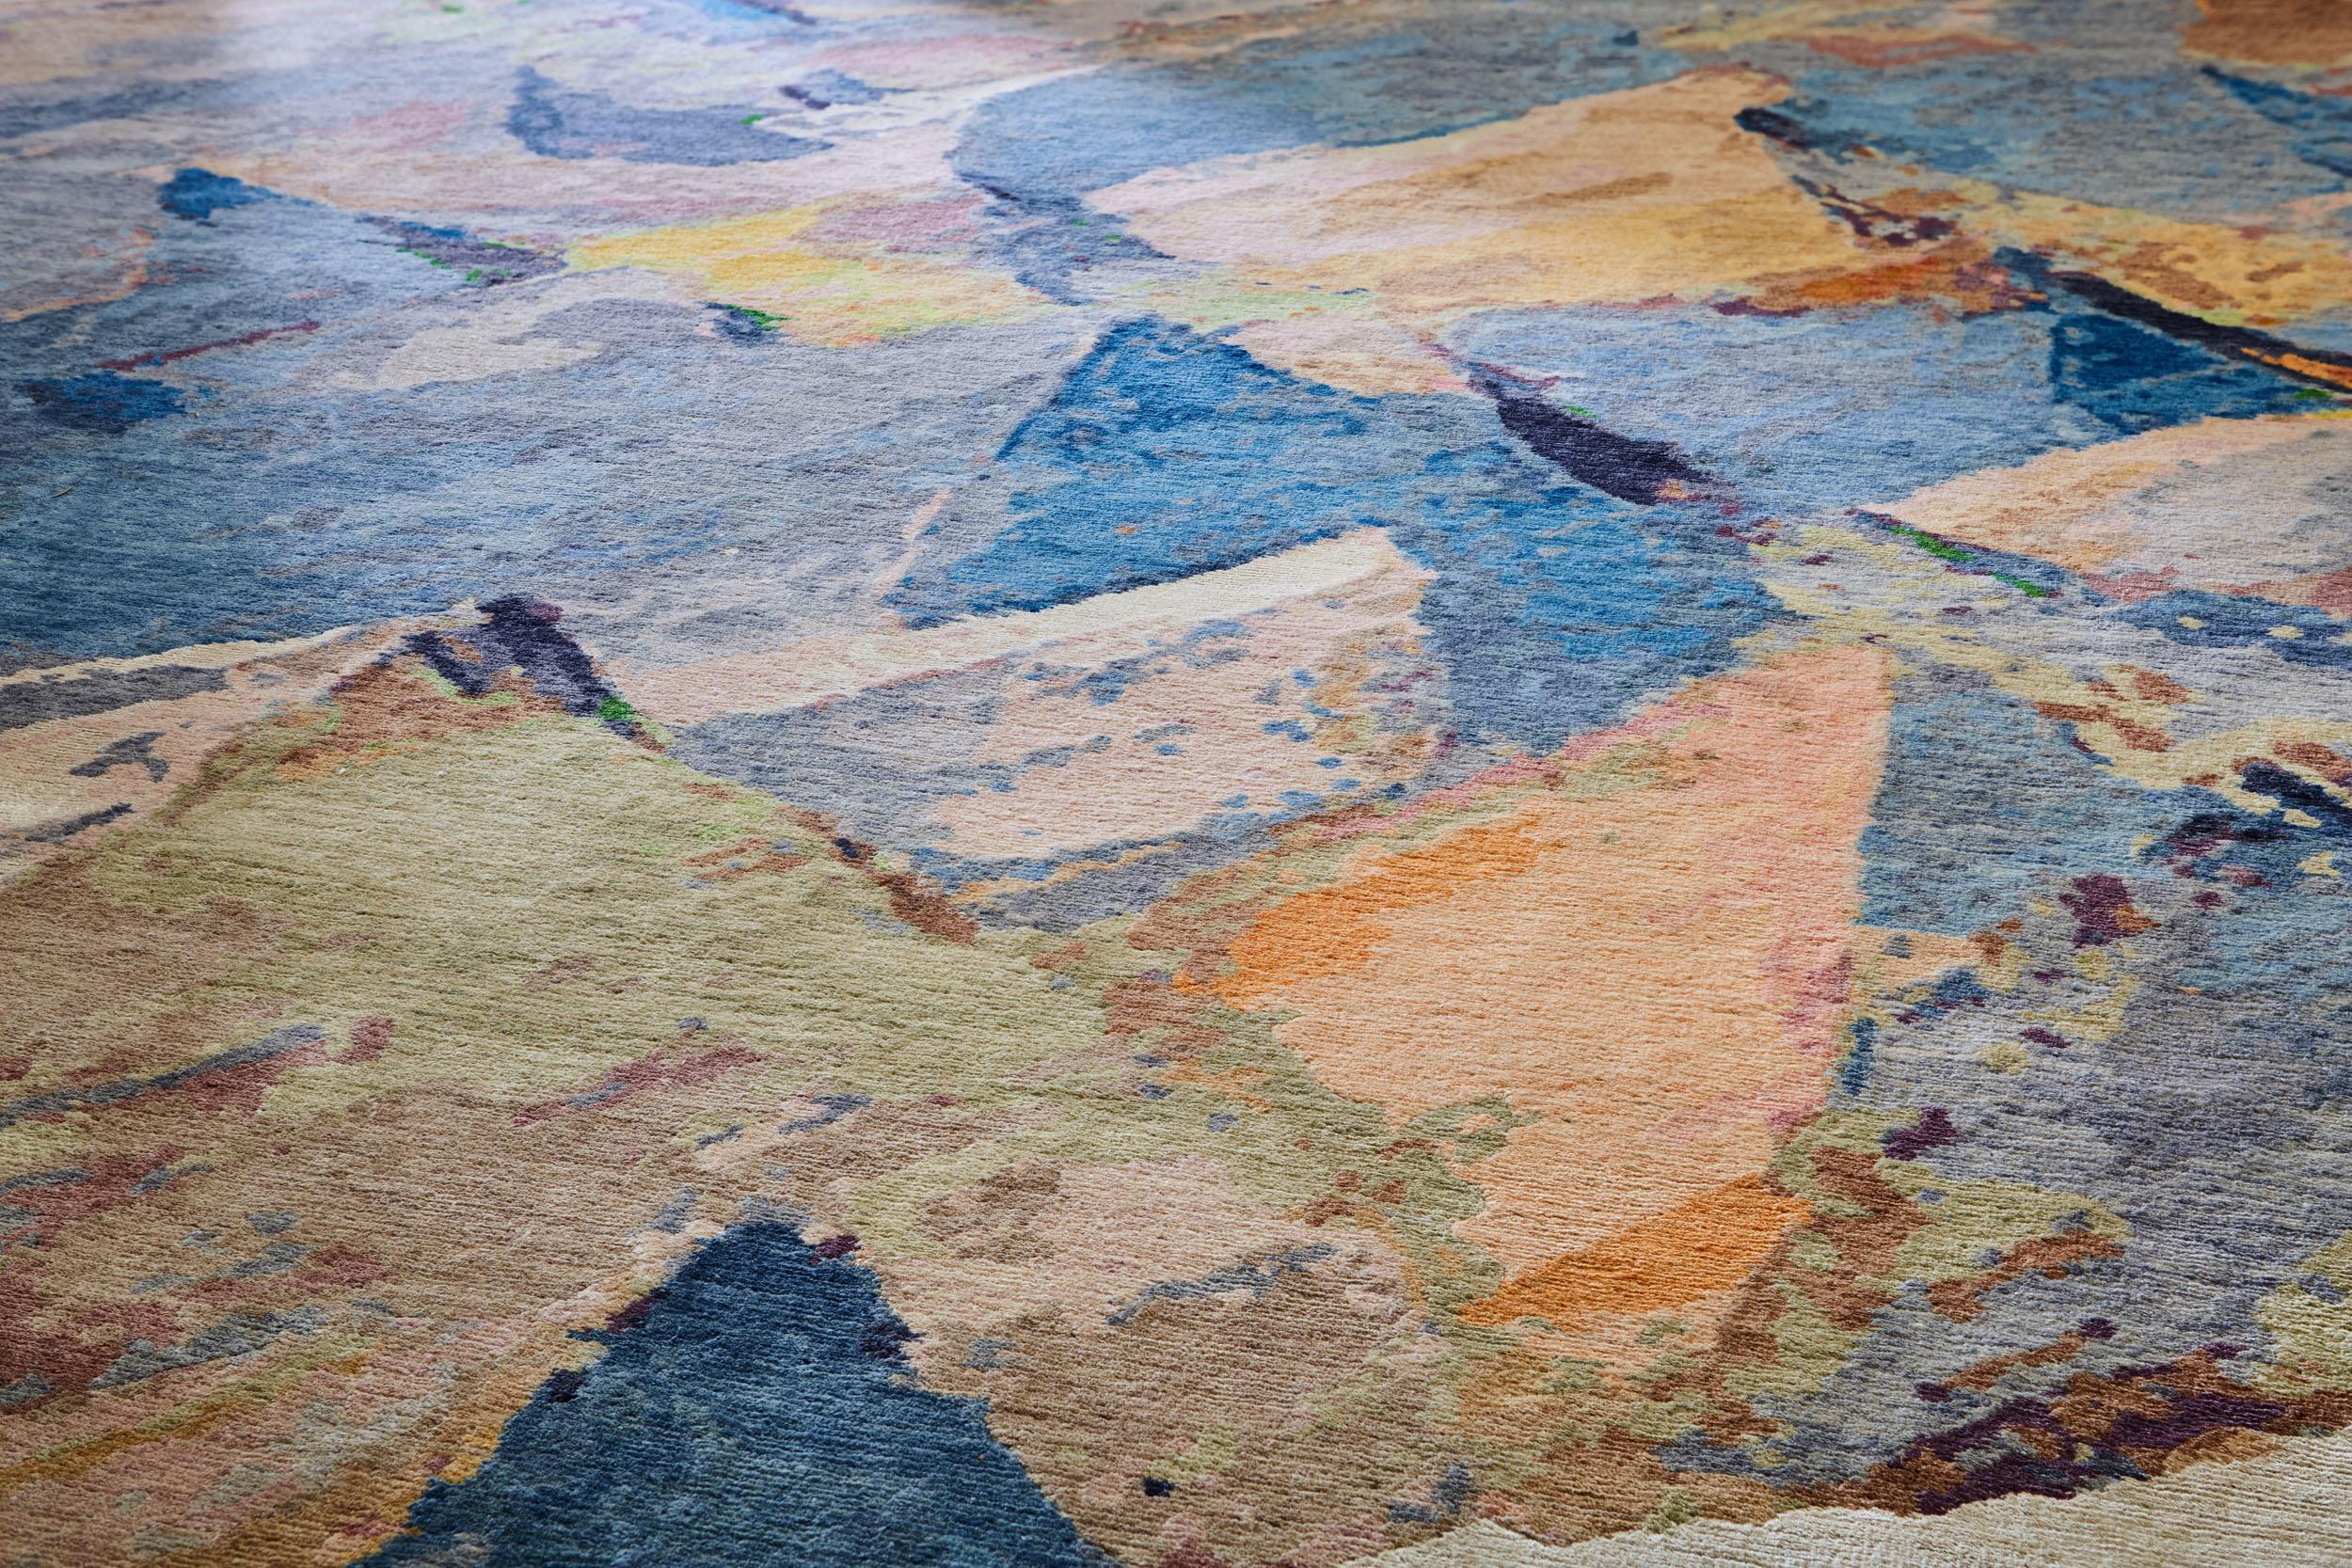 artistic rug detail. PPLGRTT